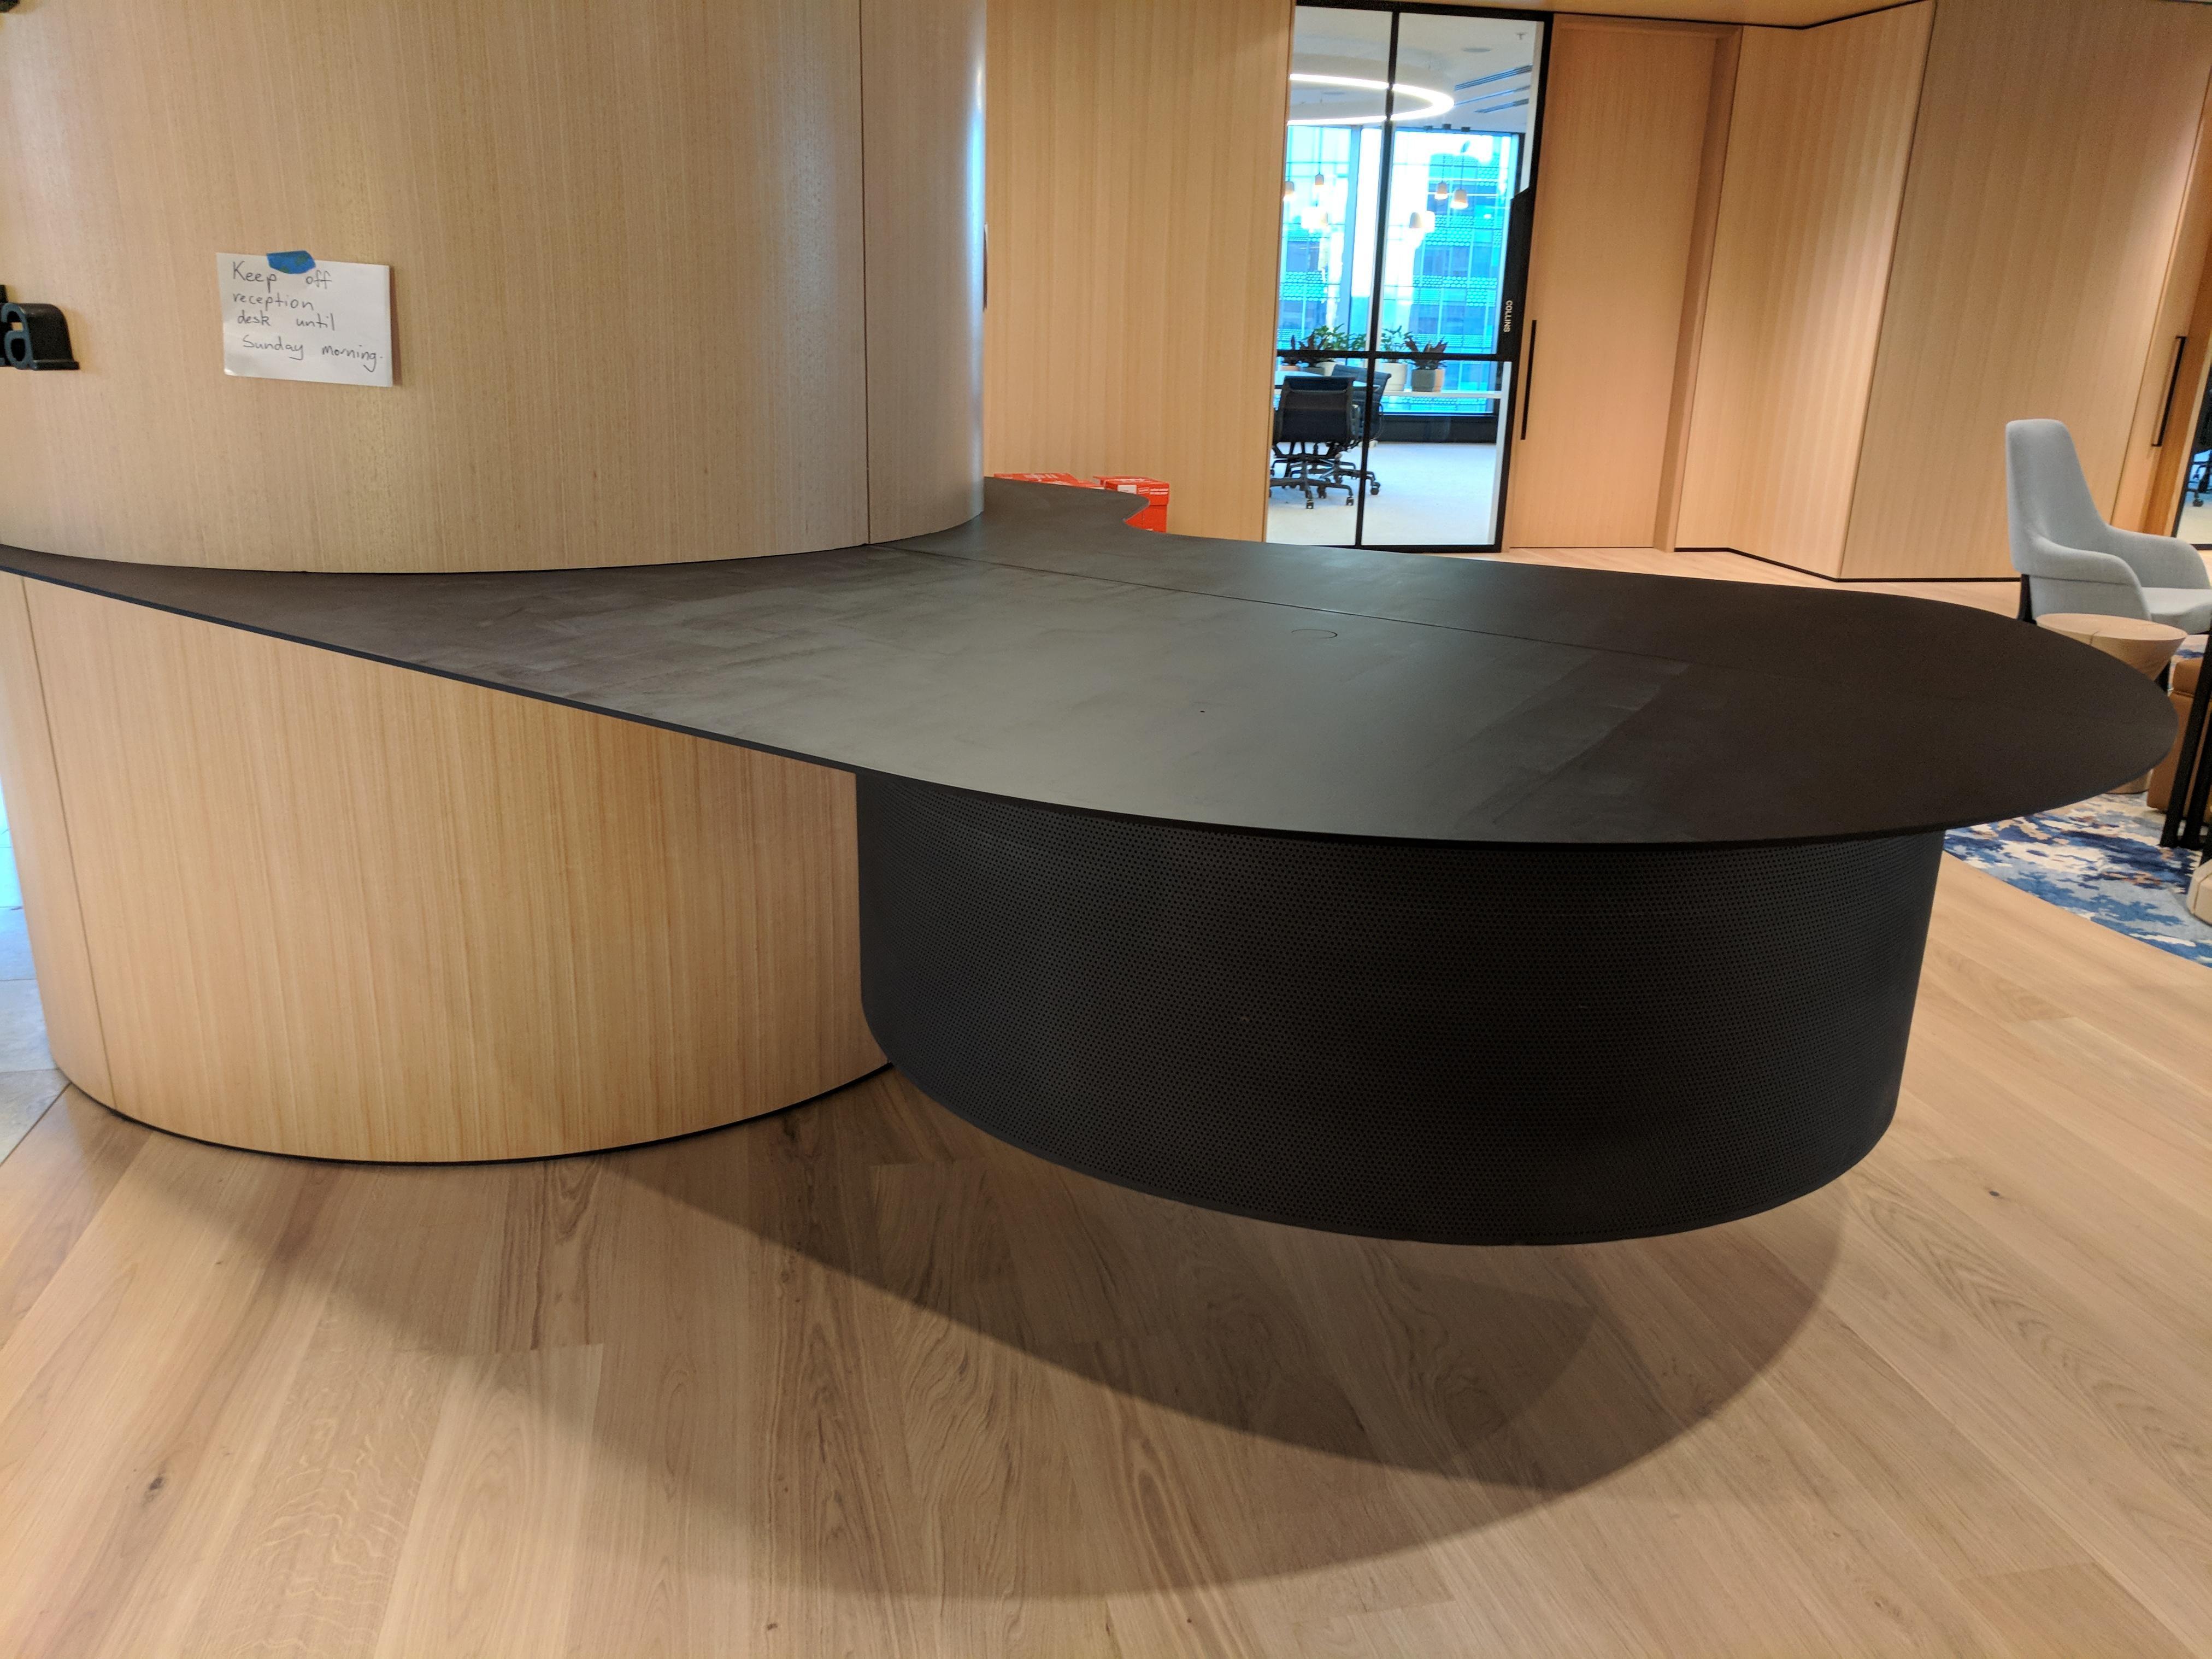 Floating Reception Desk (14725)